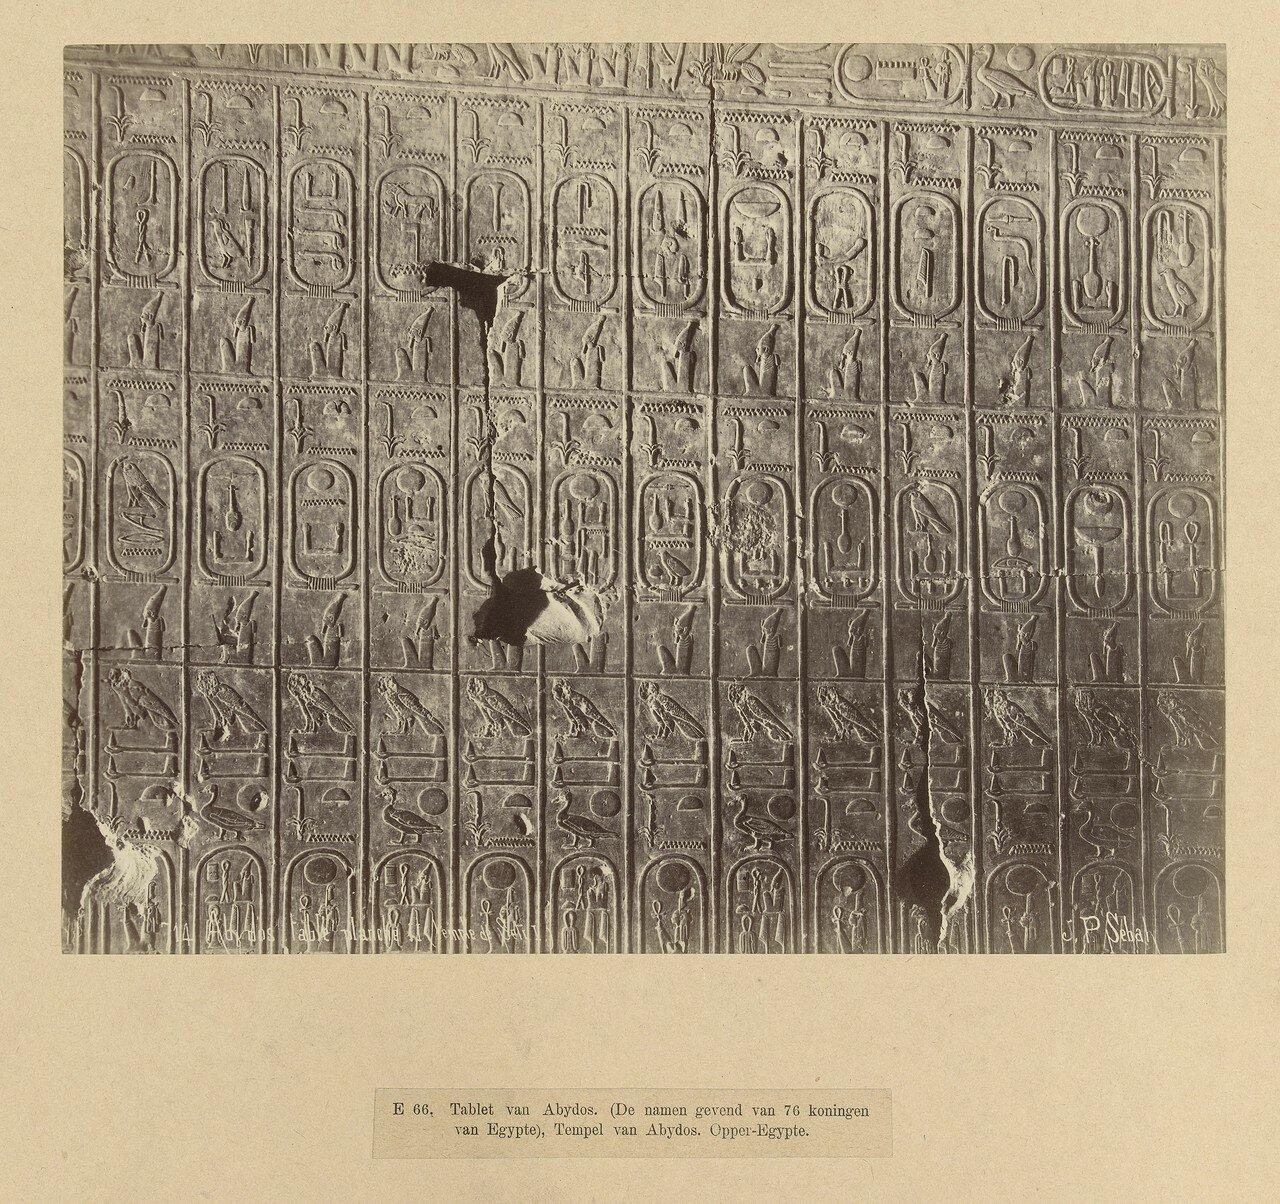 Абидос. Таблицы с именами 76 фараонов Египта